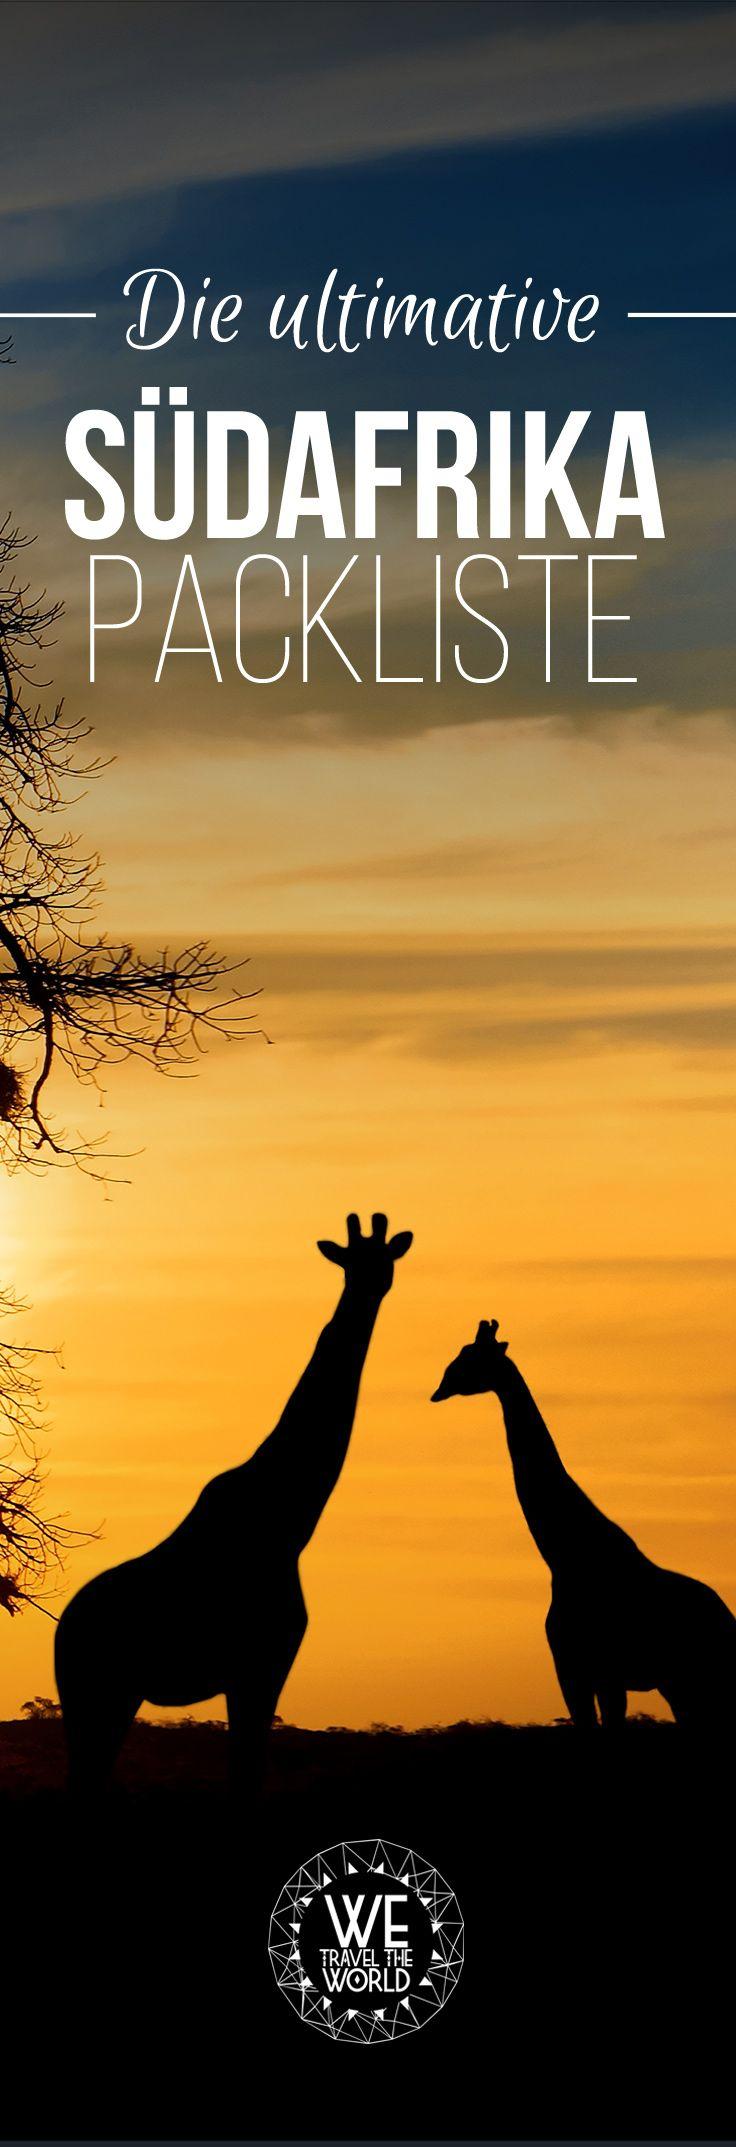 Die ultimative Südafrika Packliste. In unserer Packliste findest du alles, was du für deinen 3-wöchigen Südafrika Urlaub brauchst. #südafrika #packliste #urlaub  Bild: Shutterstock –https://shutr.bz/2CRtWWP